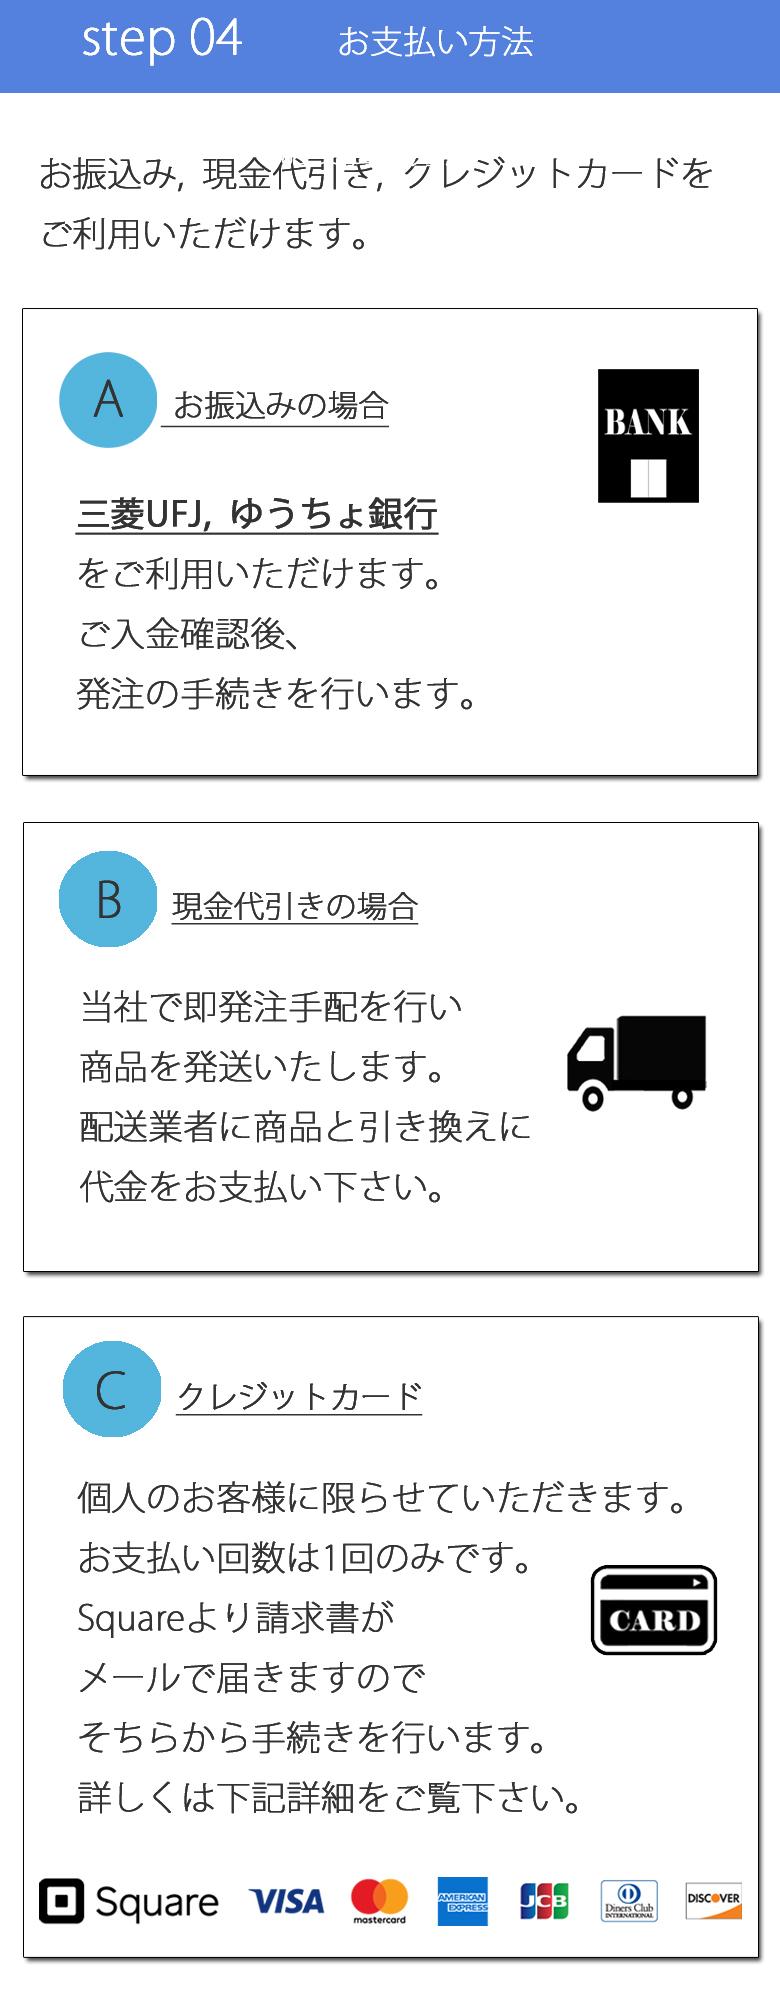 step 04 お支払い方法のご案内 お振込み 現金代引き クレジットカードをご利用いただけます。